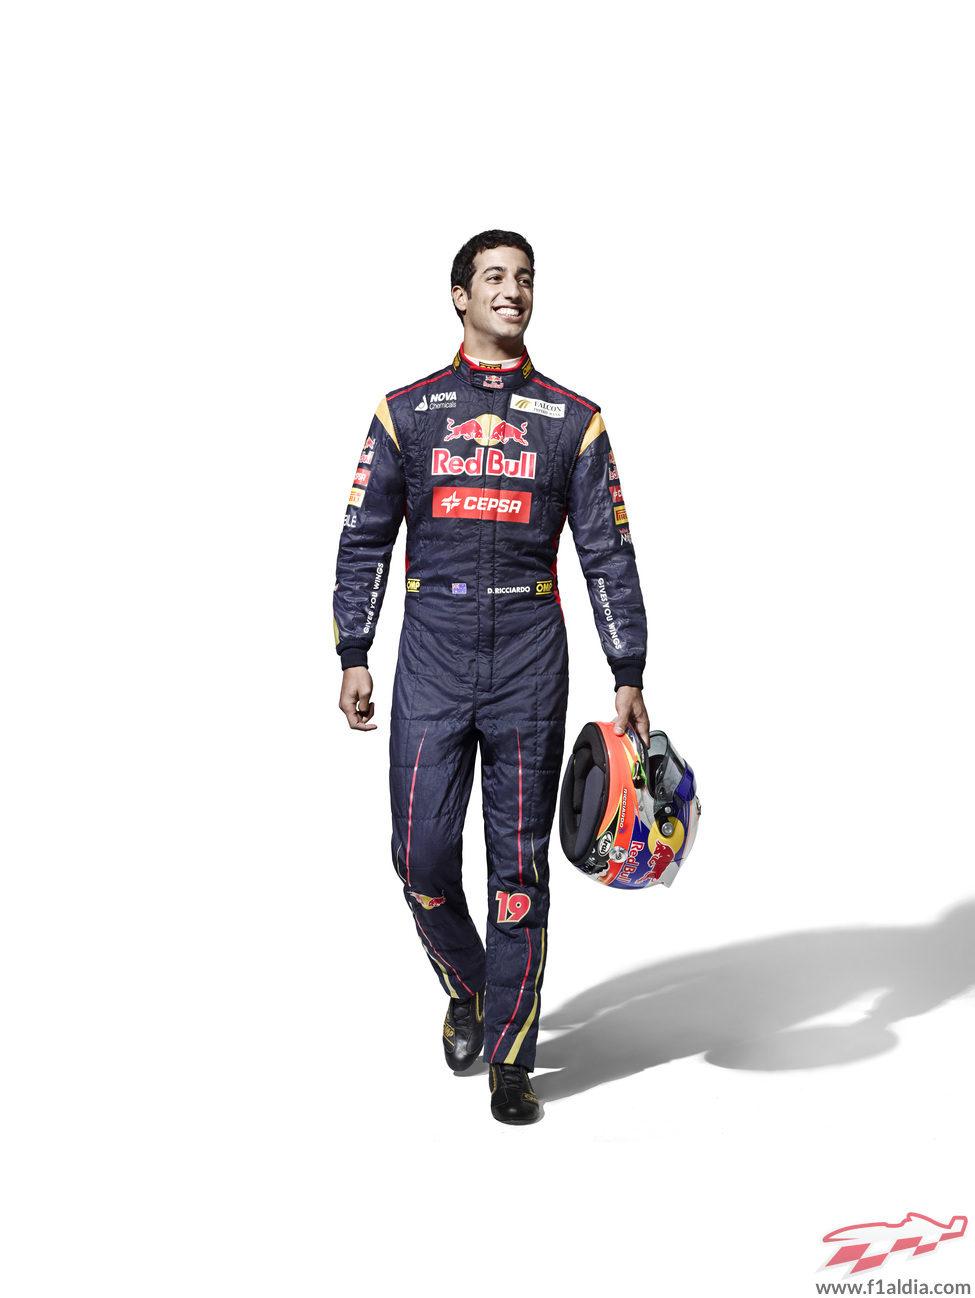 Daniel Ricciardo, piloto de Toro Rosso en la temporada 2013